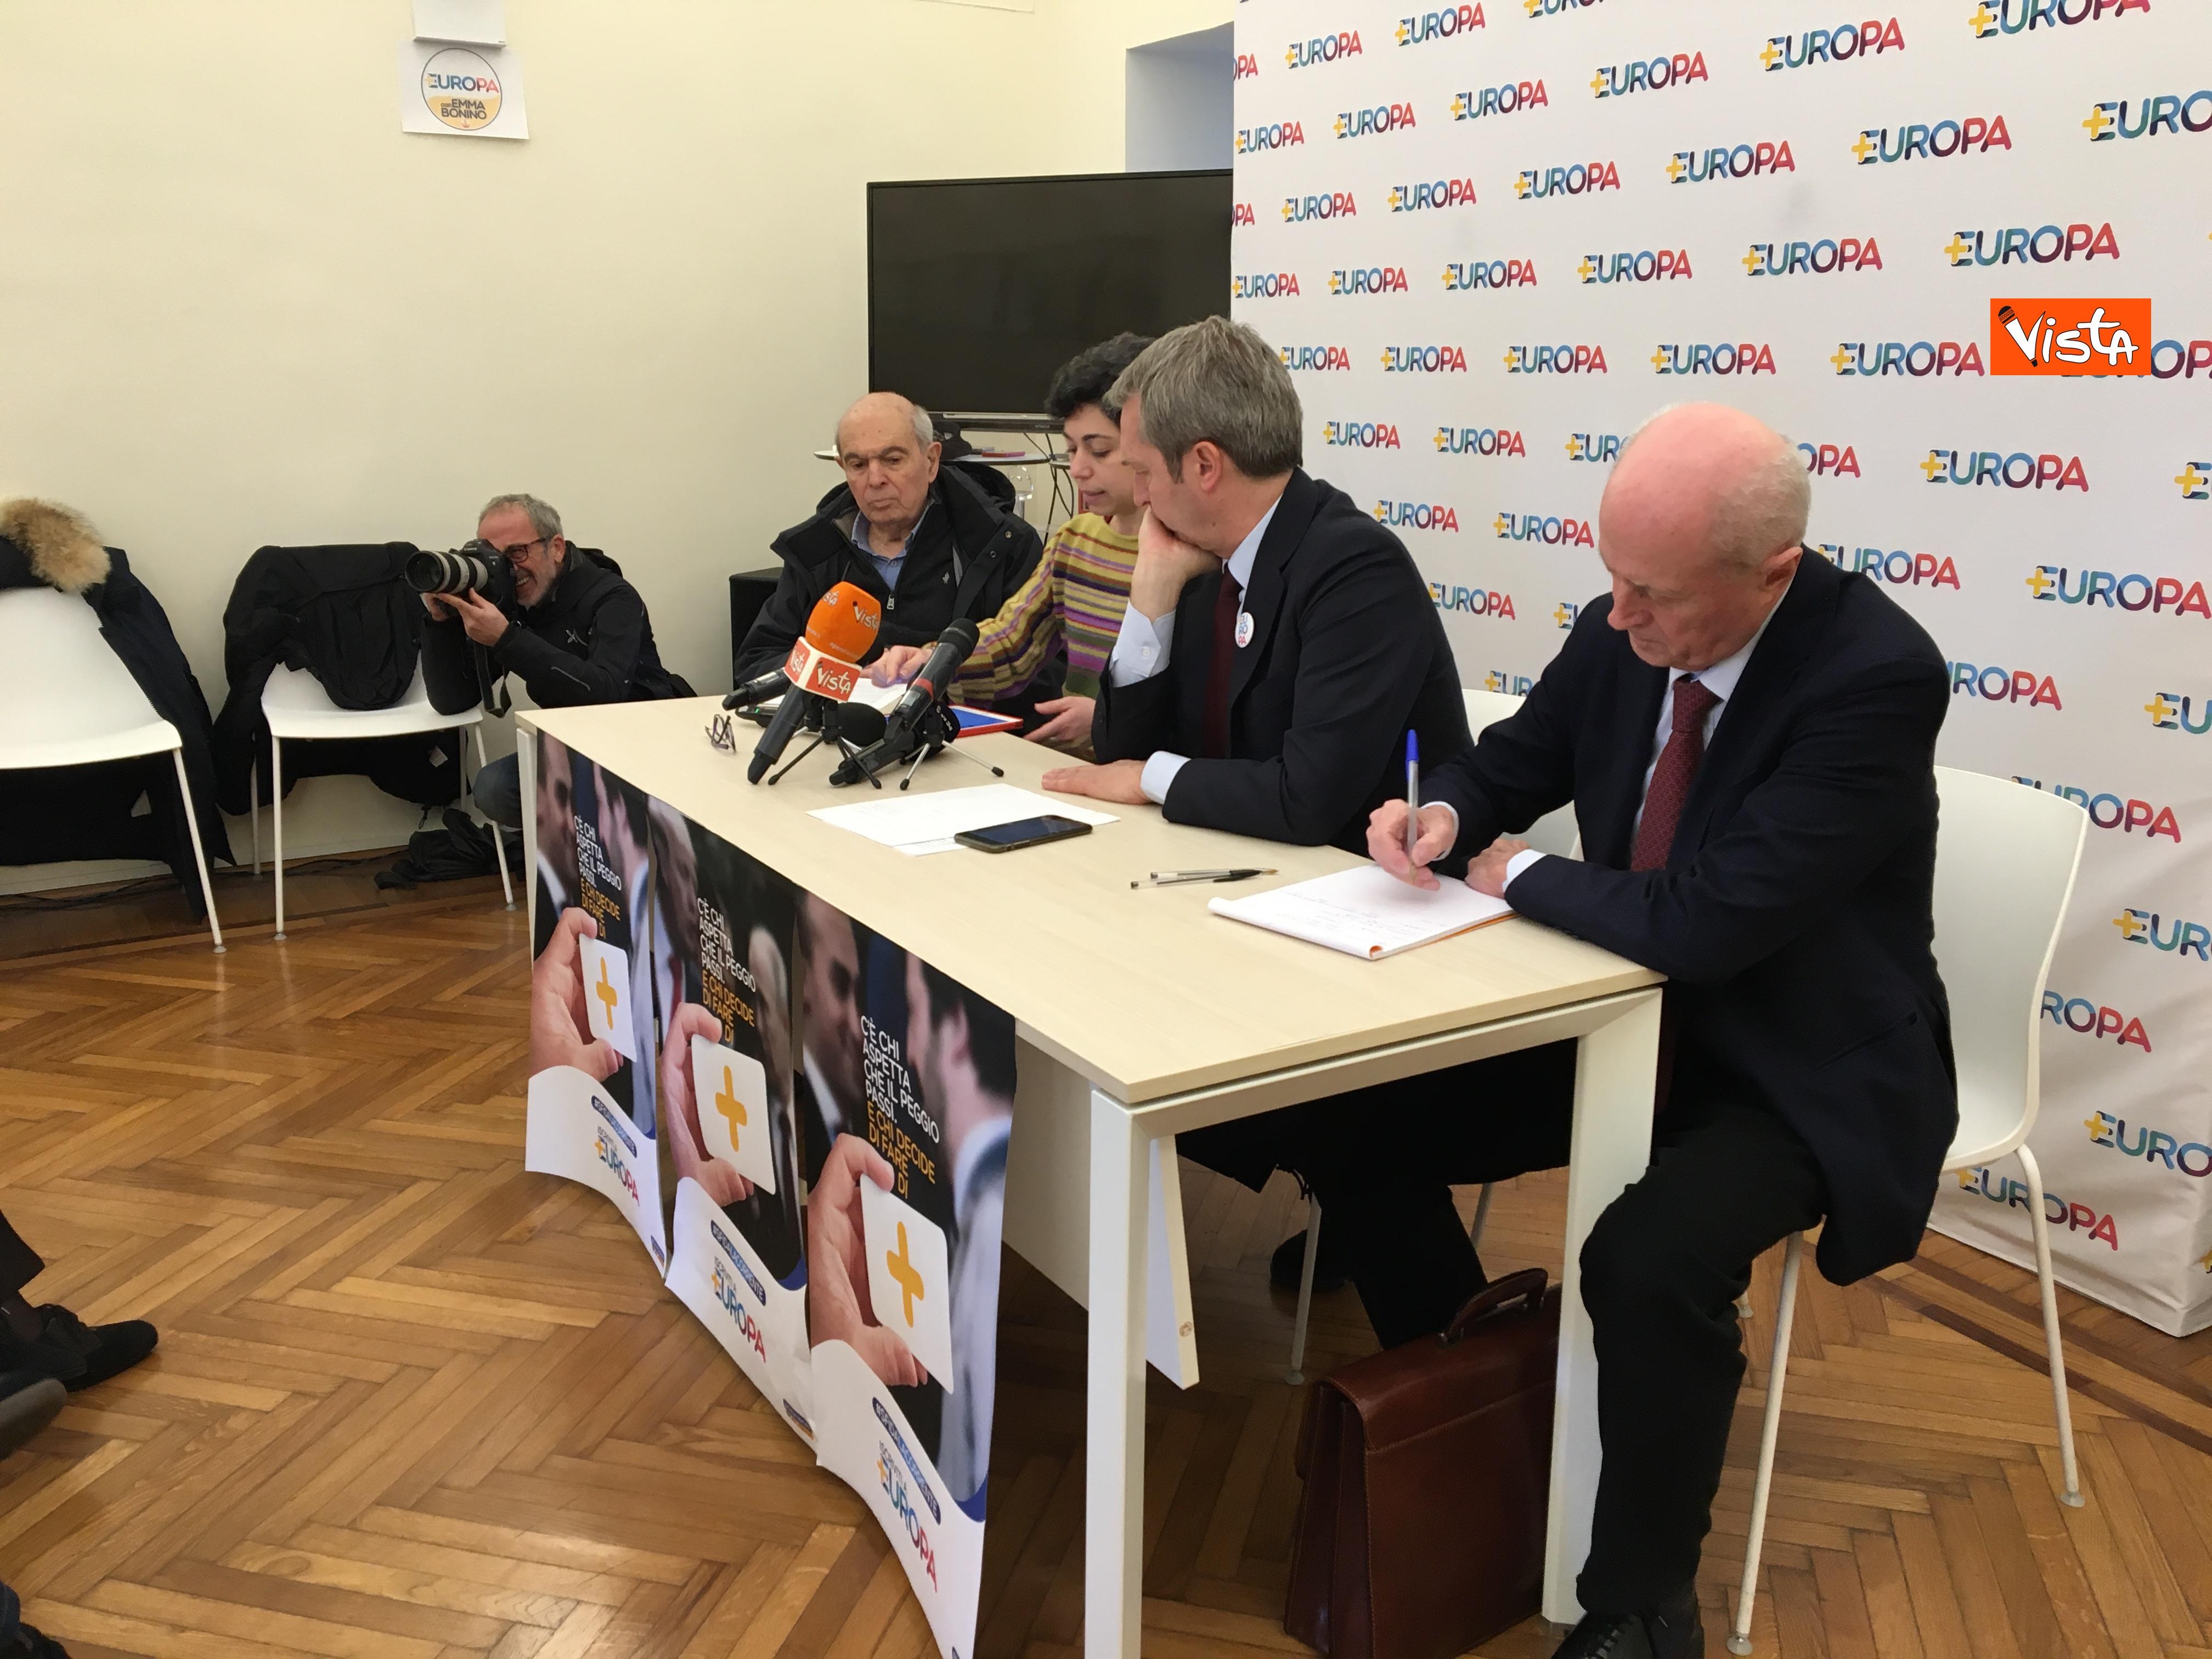 21-01-19 Europa la conferenza di presentazione del Congresso a Milano_Spadaccia_Manzi_Della Vedova_Tabacci_03